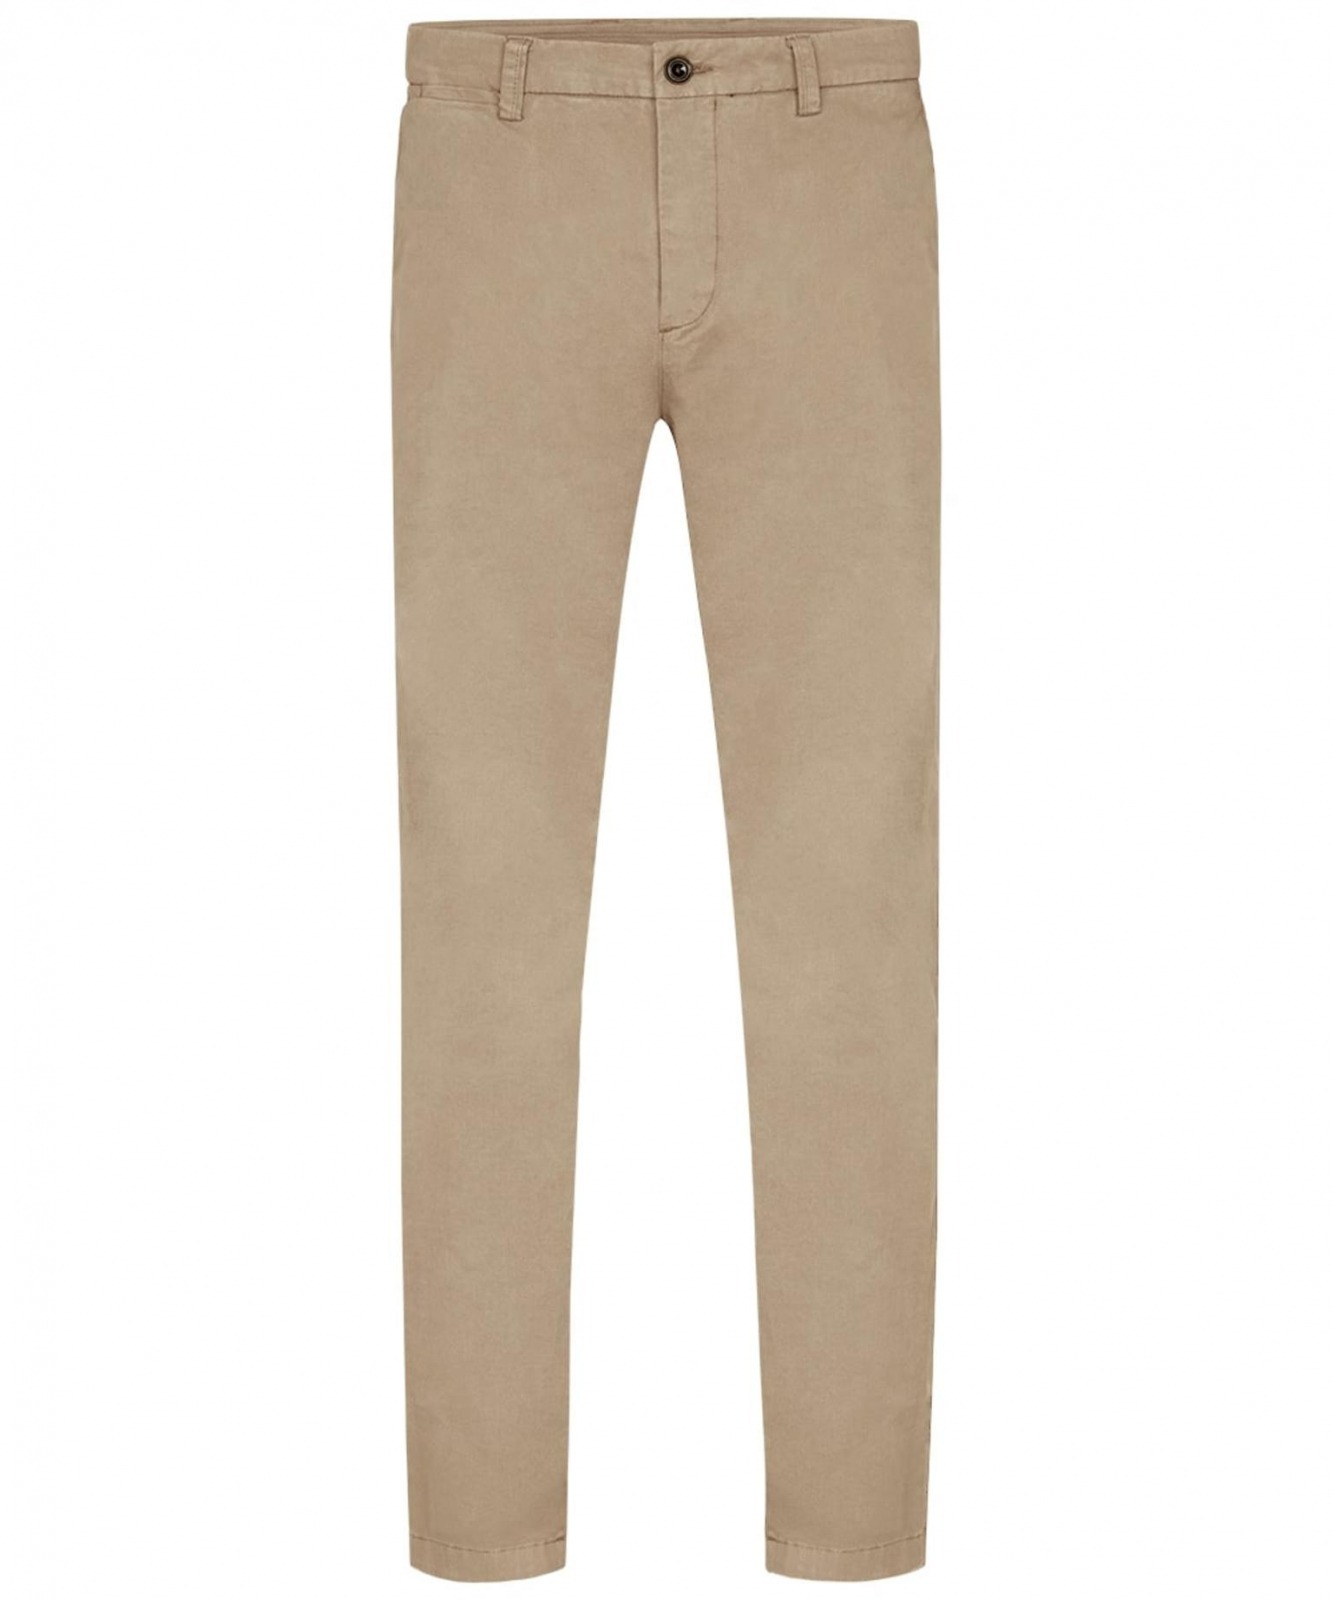 Image of Beżowe spodnie typu chino regular profuomo 32/32